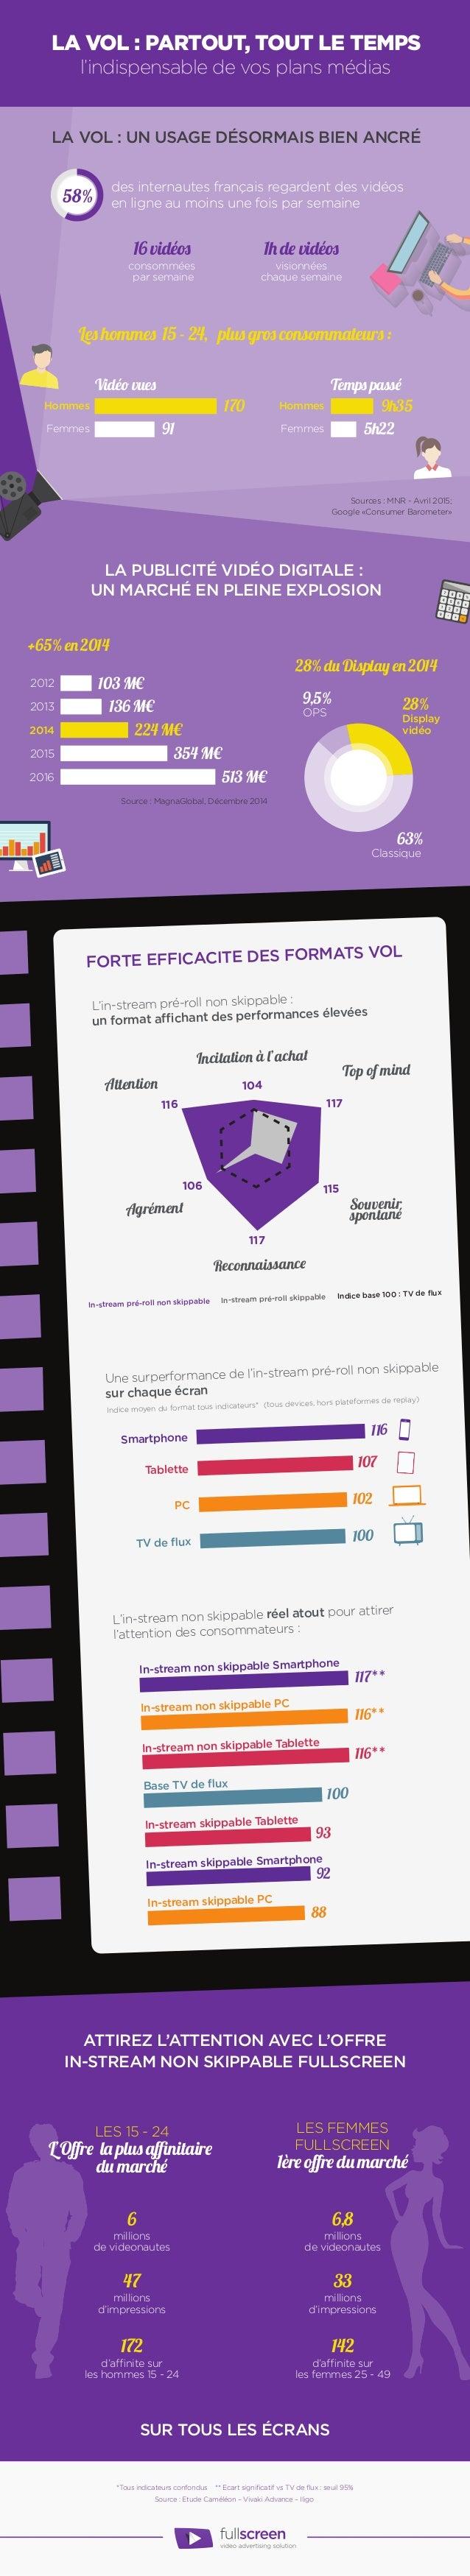 16 vidéos 1h de vidéos +65% en 2014 28% du Display en 2014 Hommes 103 M€2012 2013 2014 2015 2016 Display vidéo Classique O...